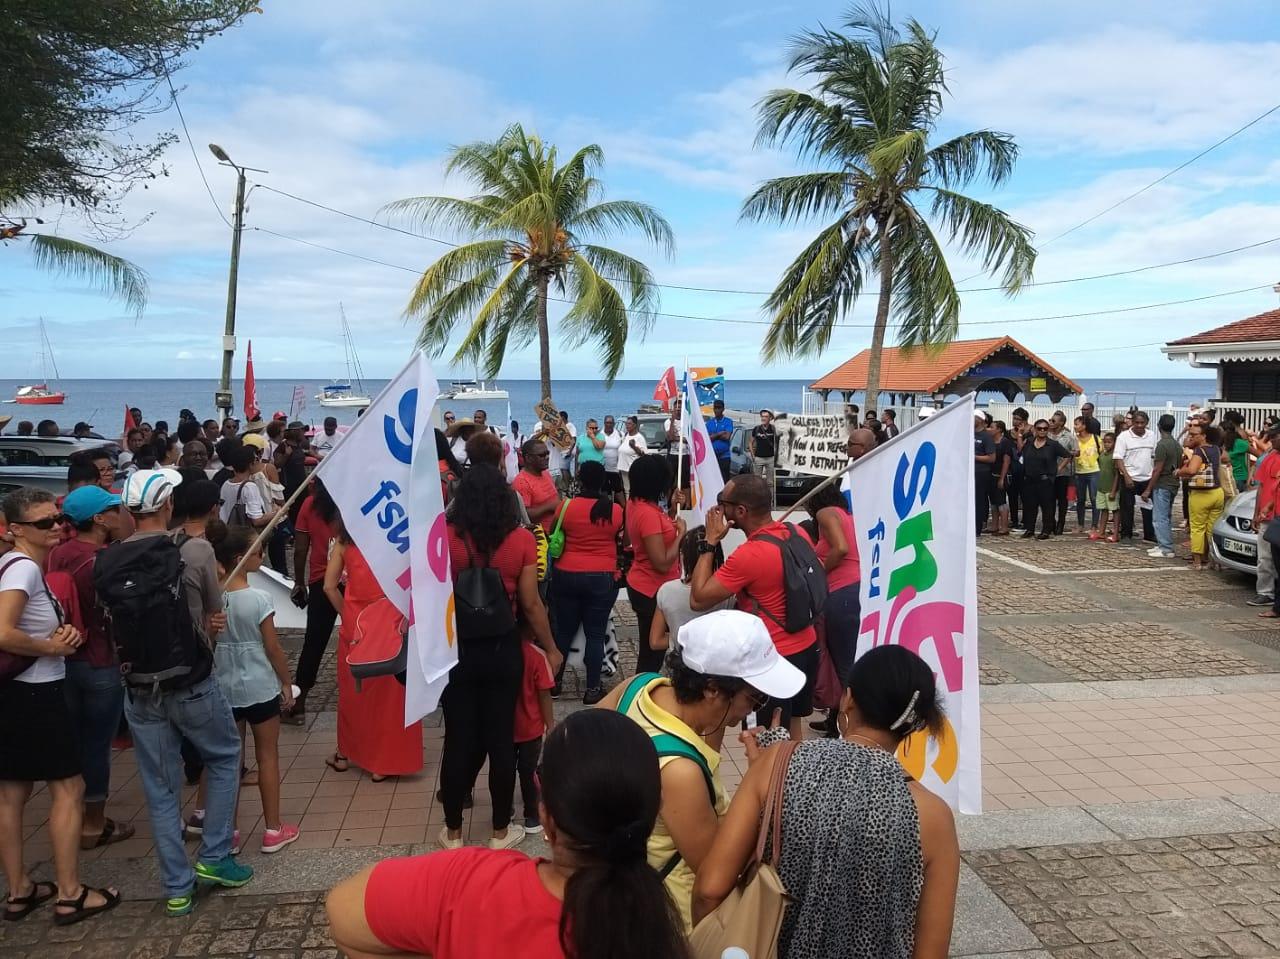 Réforme des retraites : le Nord caraïbe mobilisé en masse